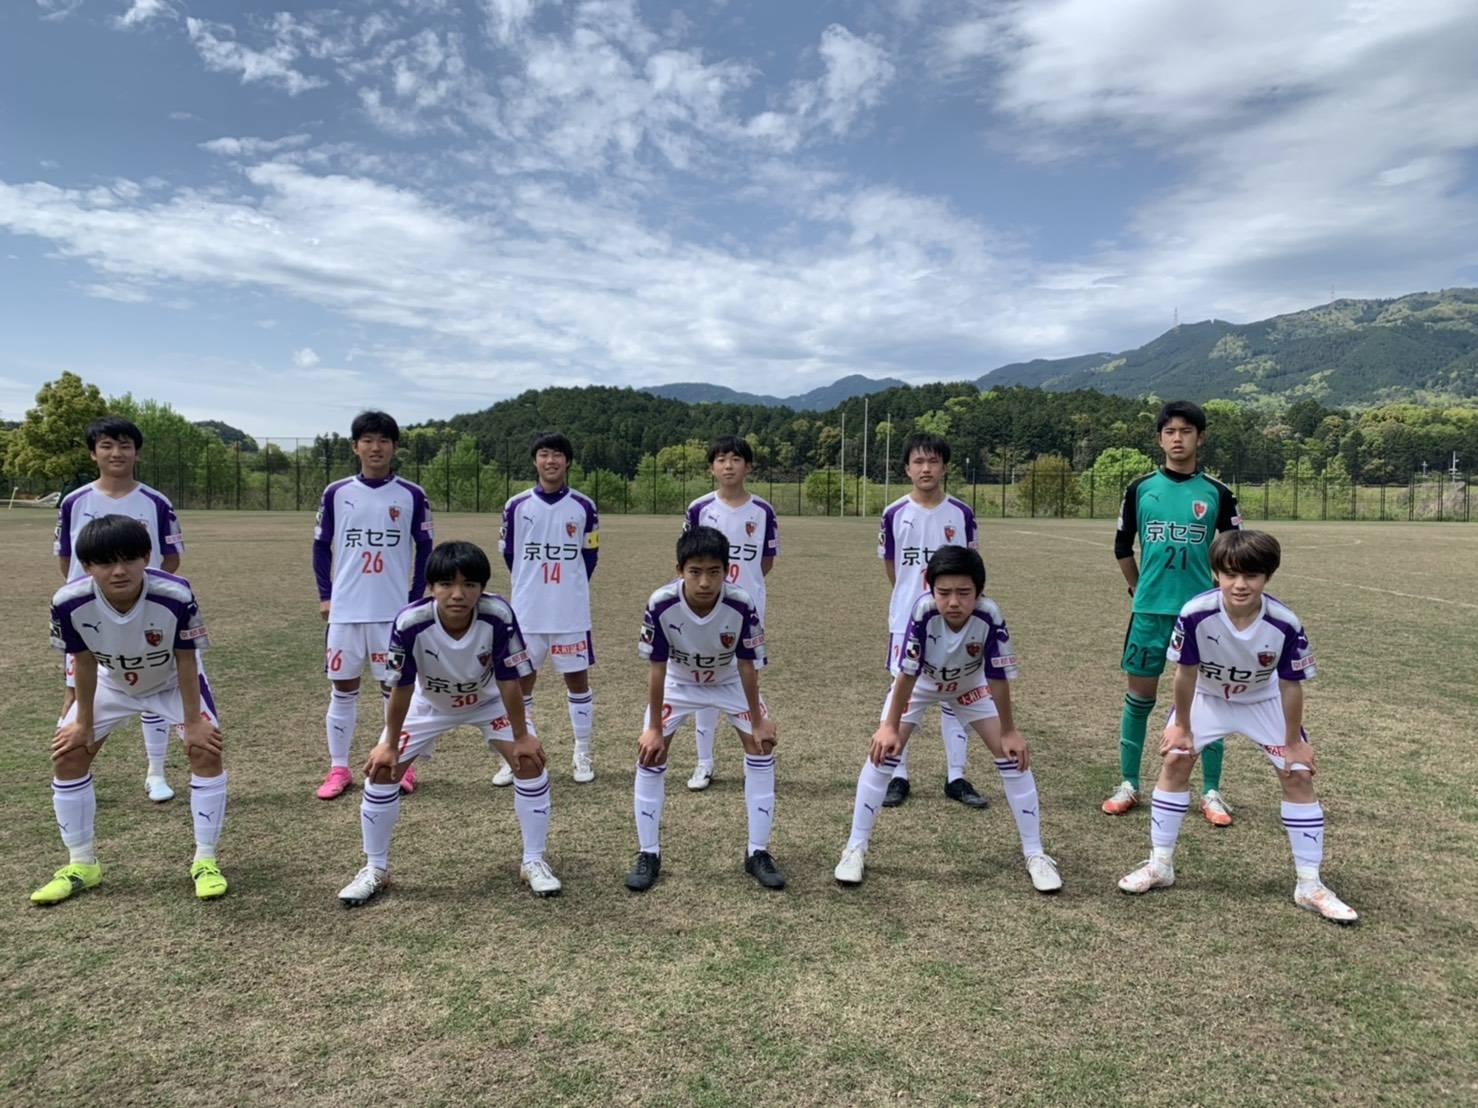 【U-15】クラブユース選手権U-15滋賀県大会予選リーグ第3節